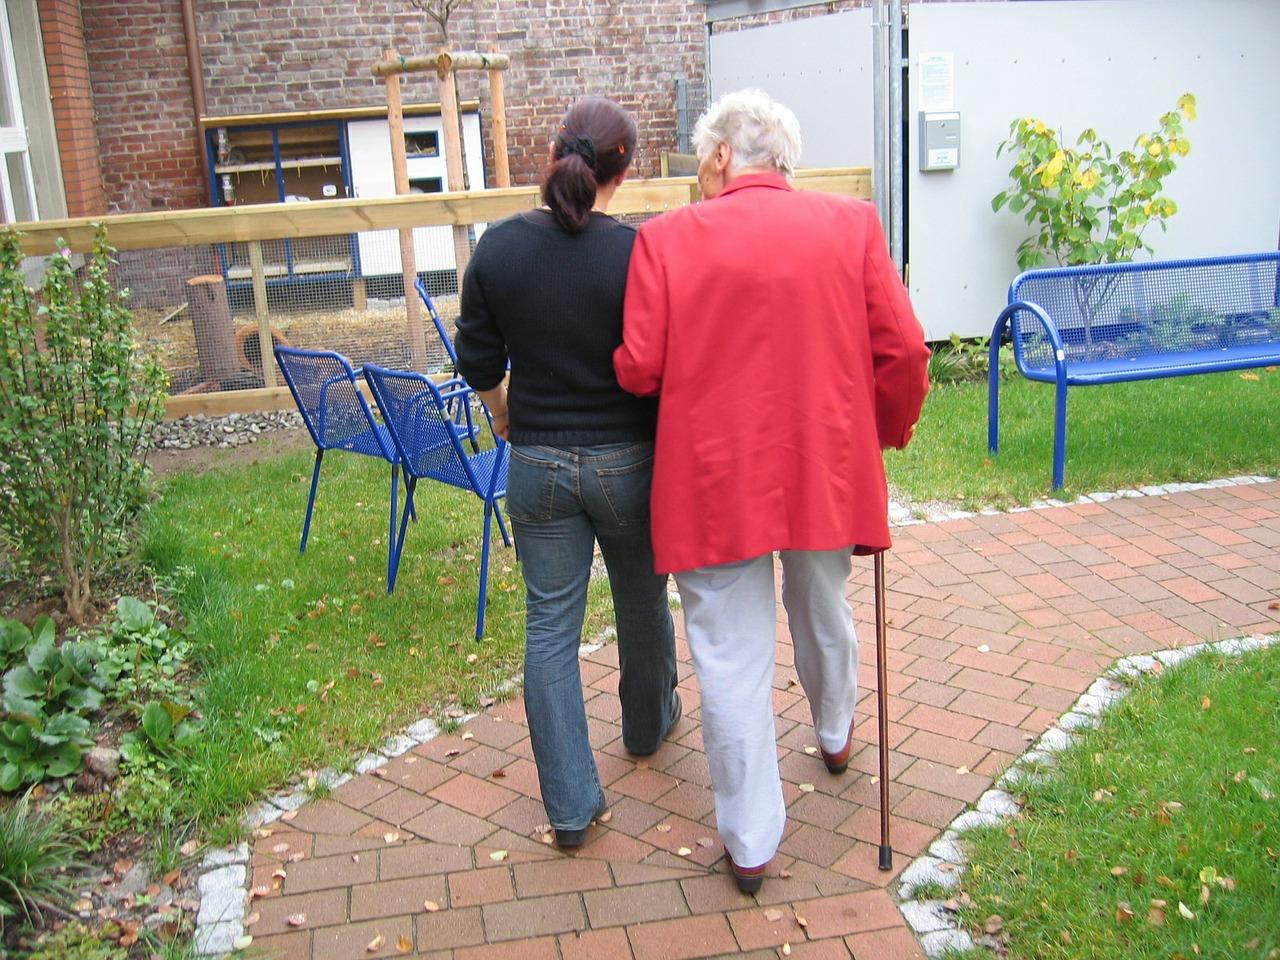 Assistenza-per-Anziani-Quale-Scegliere-in-Famiglia Assistenza per anziani, quale scegliere